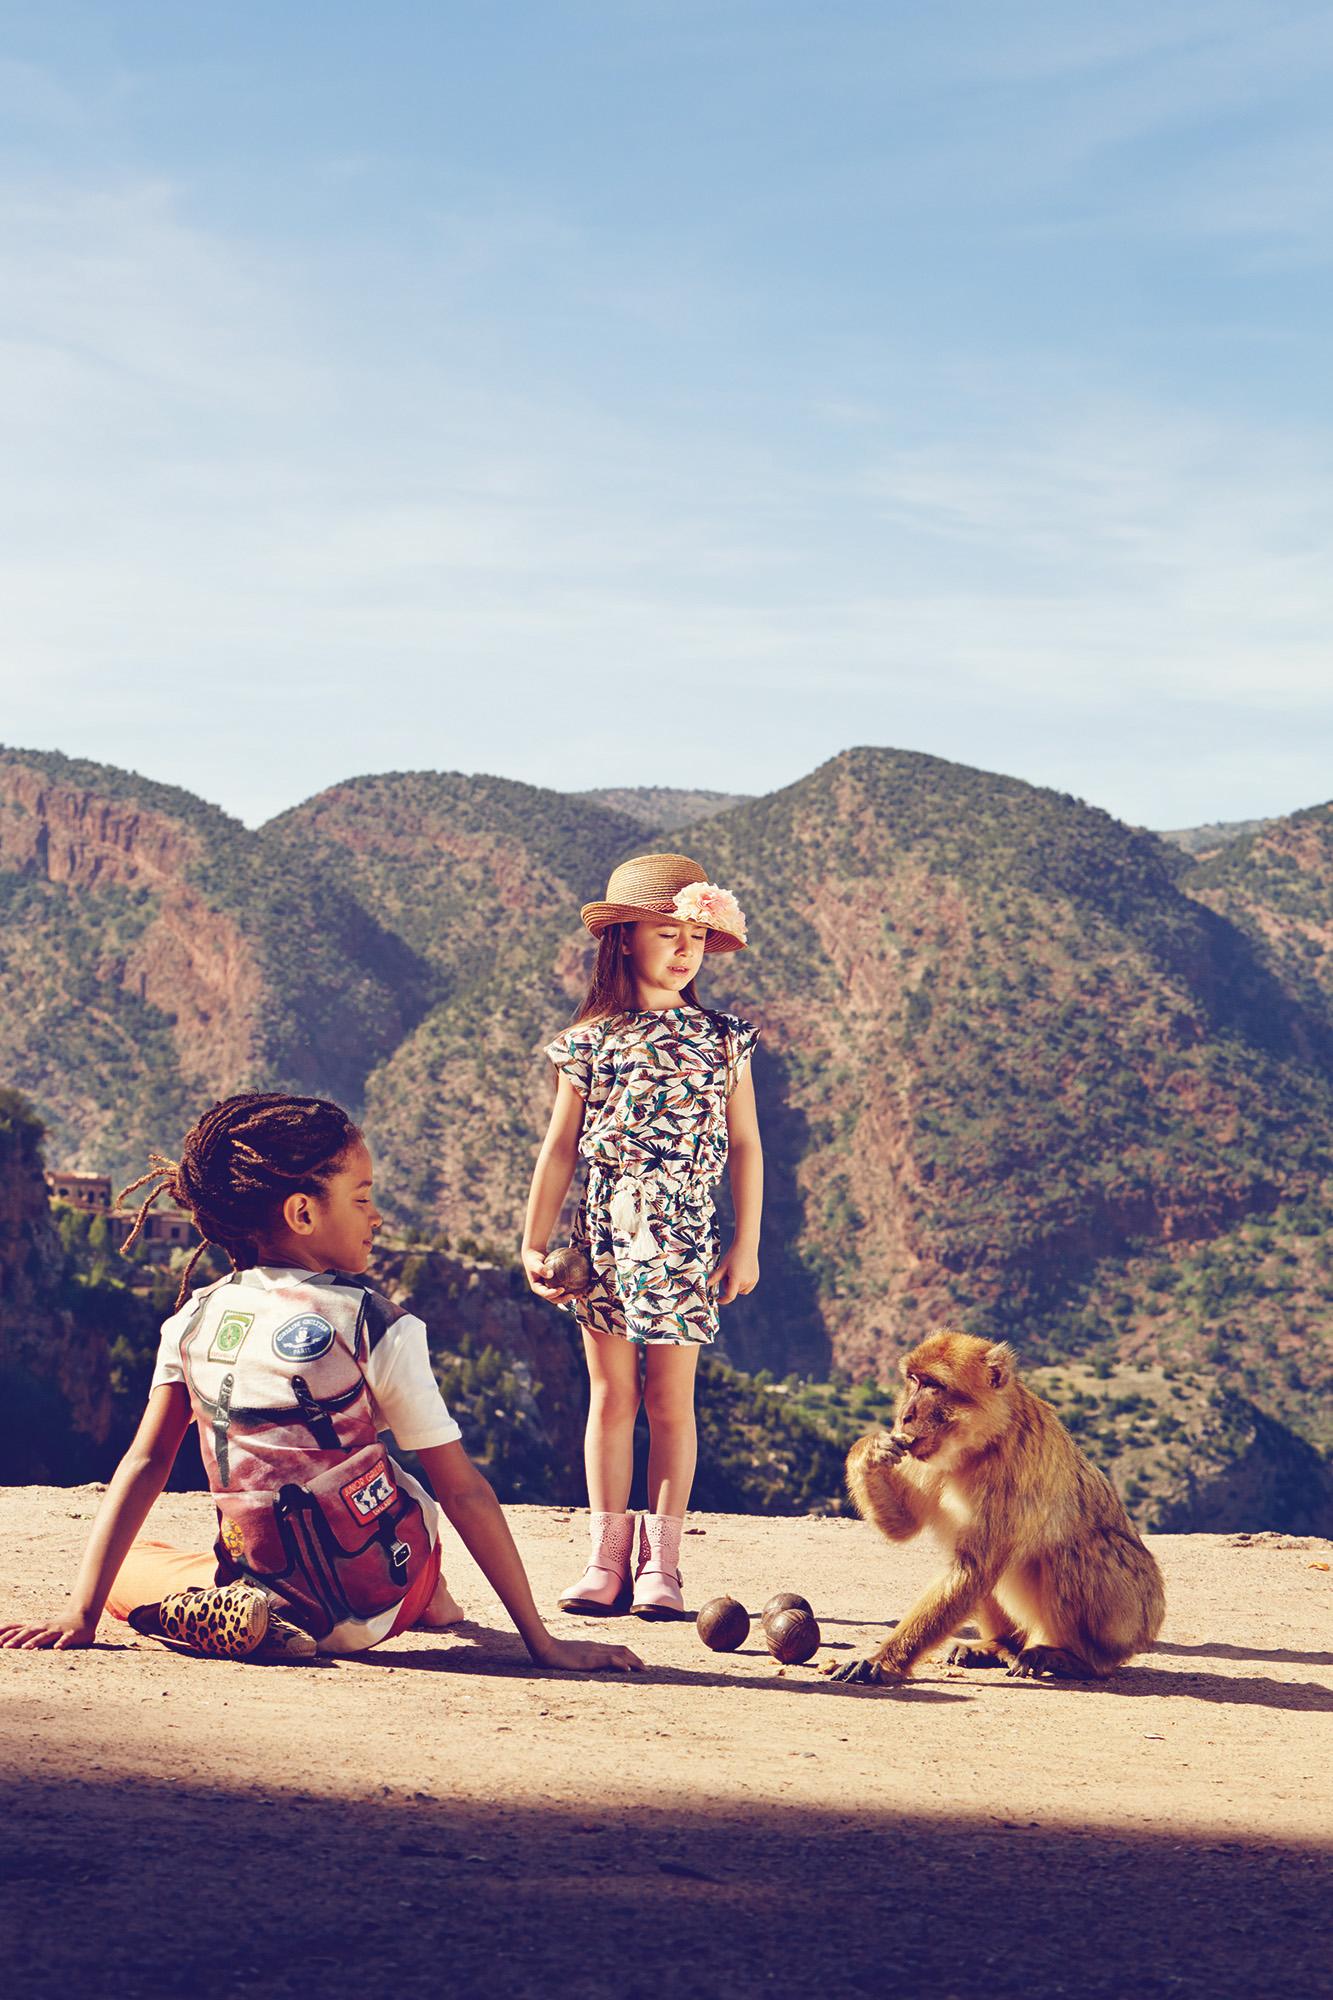 Ilve Little kids with monkey